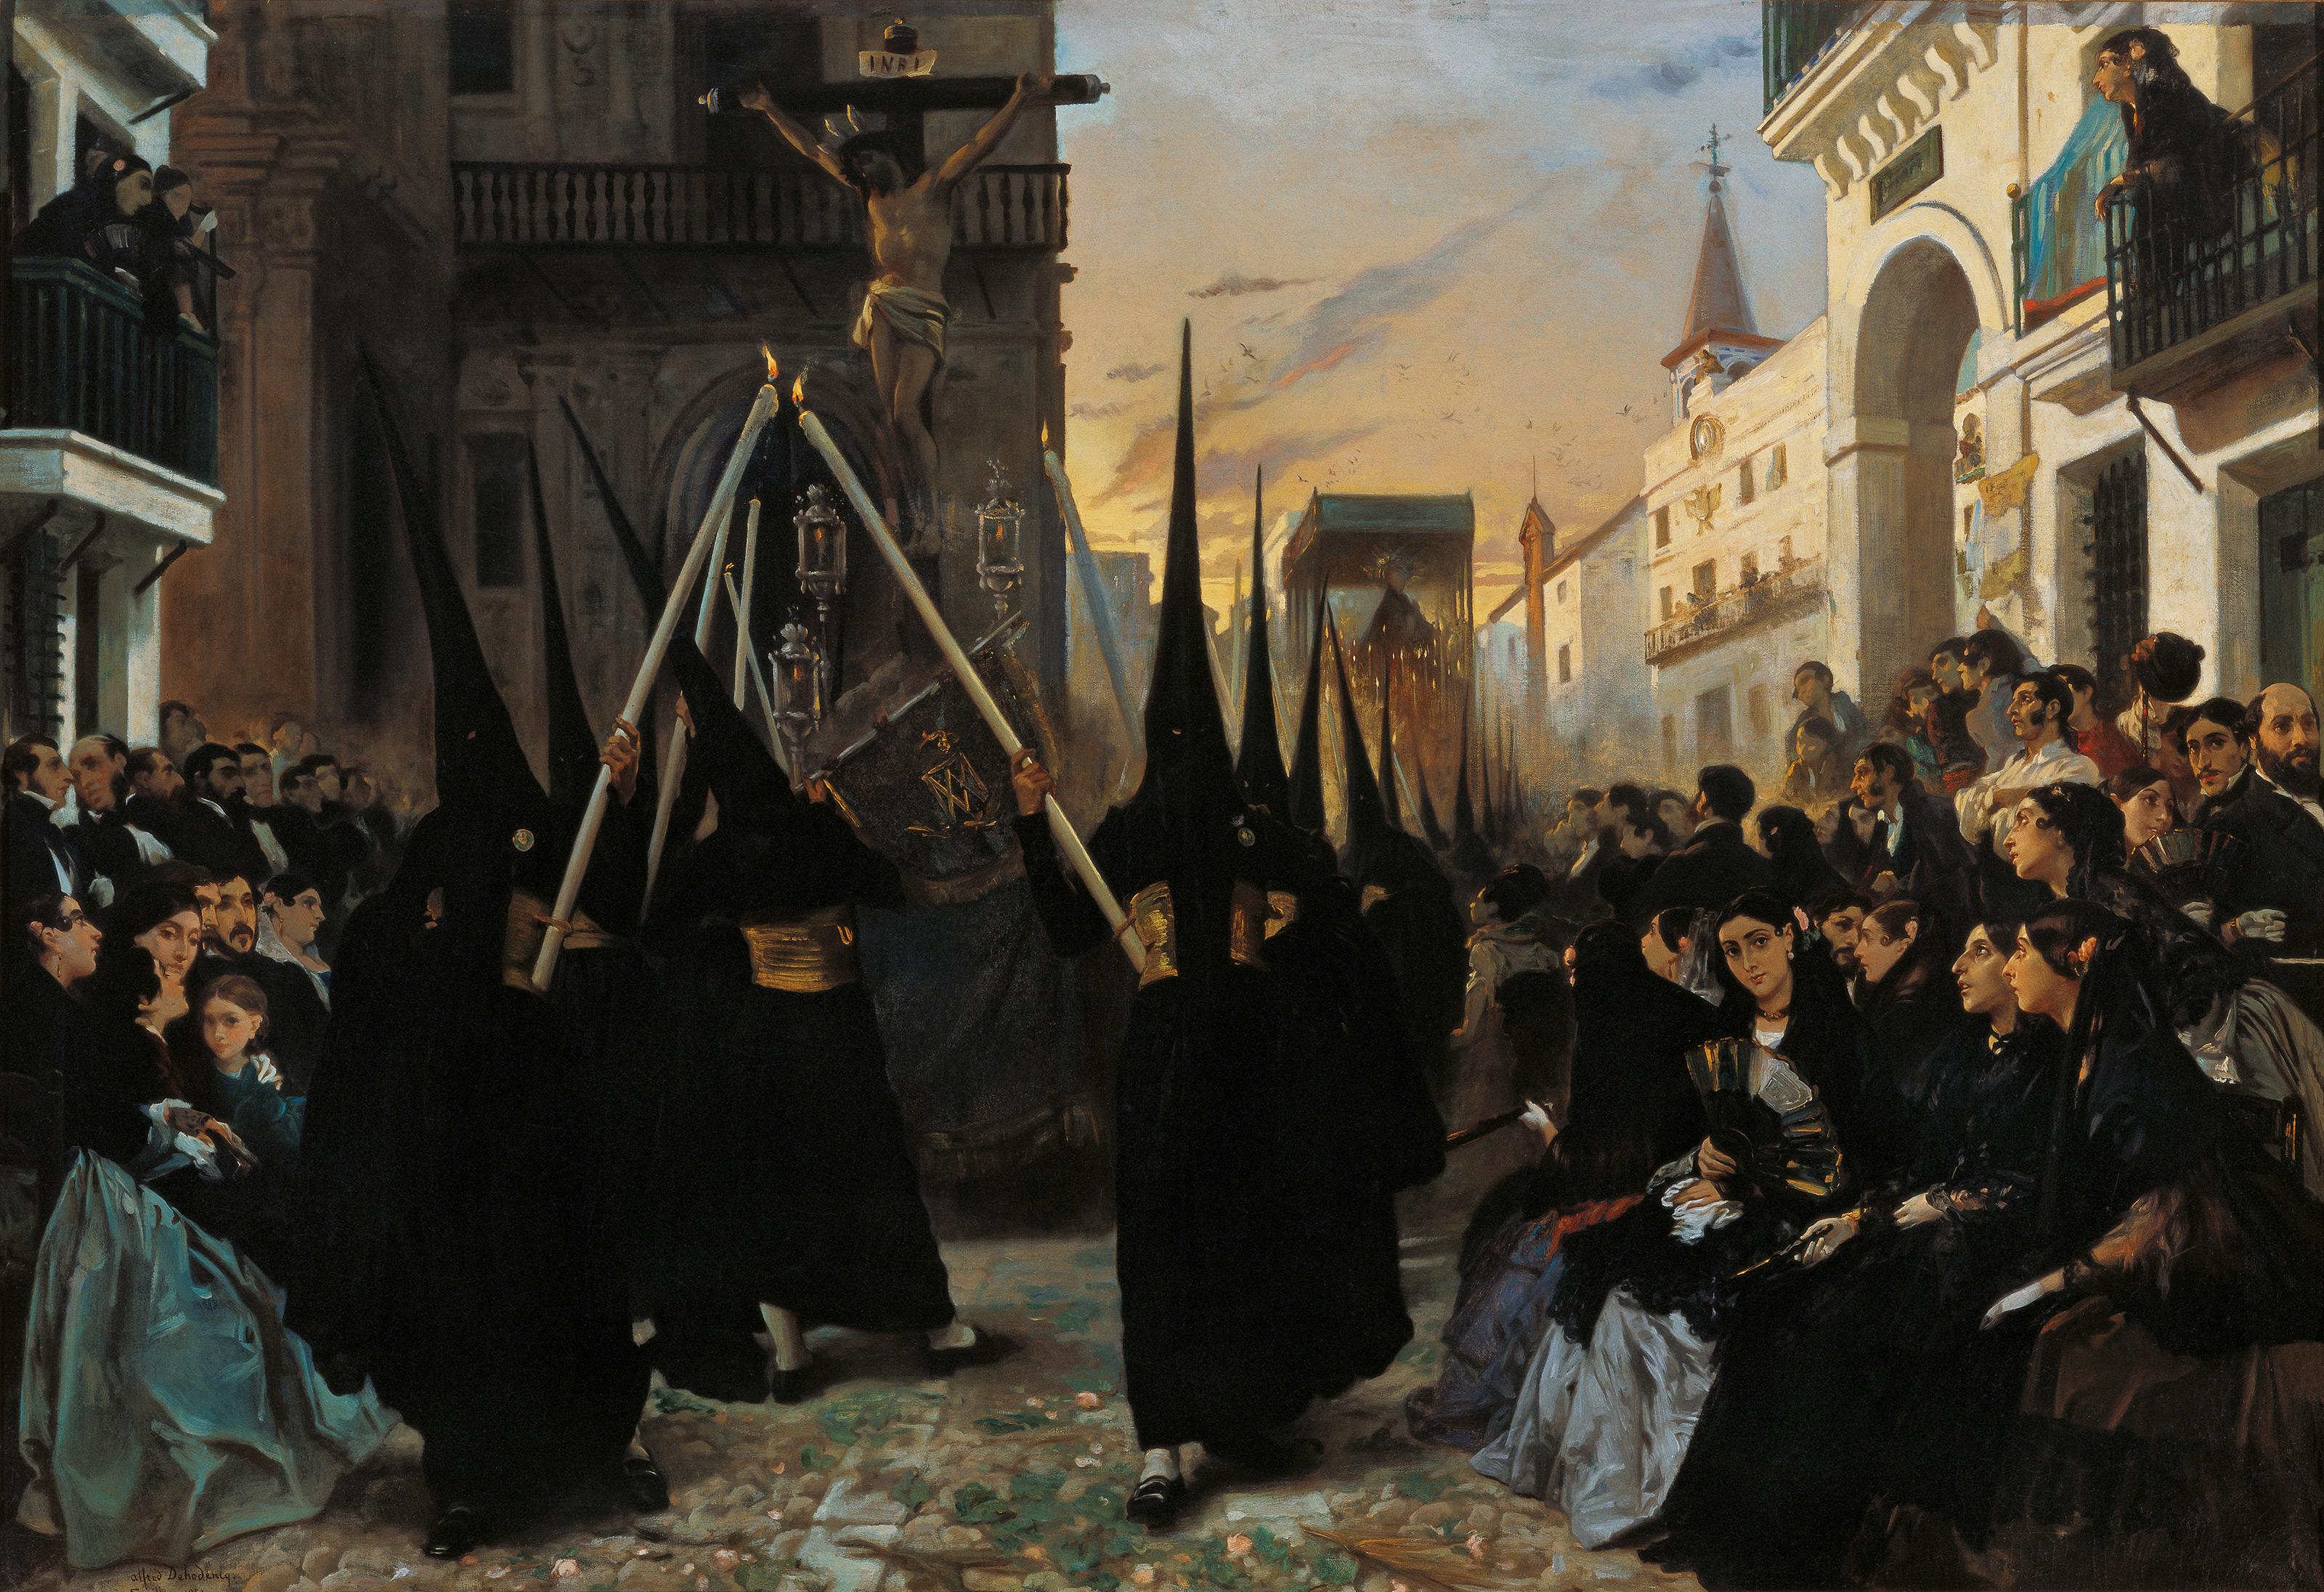 Archivo:Alfred Dehodencq A Confraternity in Procession along Calle Génova.jpg - Wikipedia, la enciclopedia libre